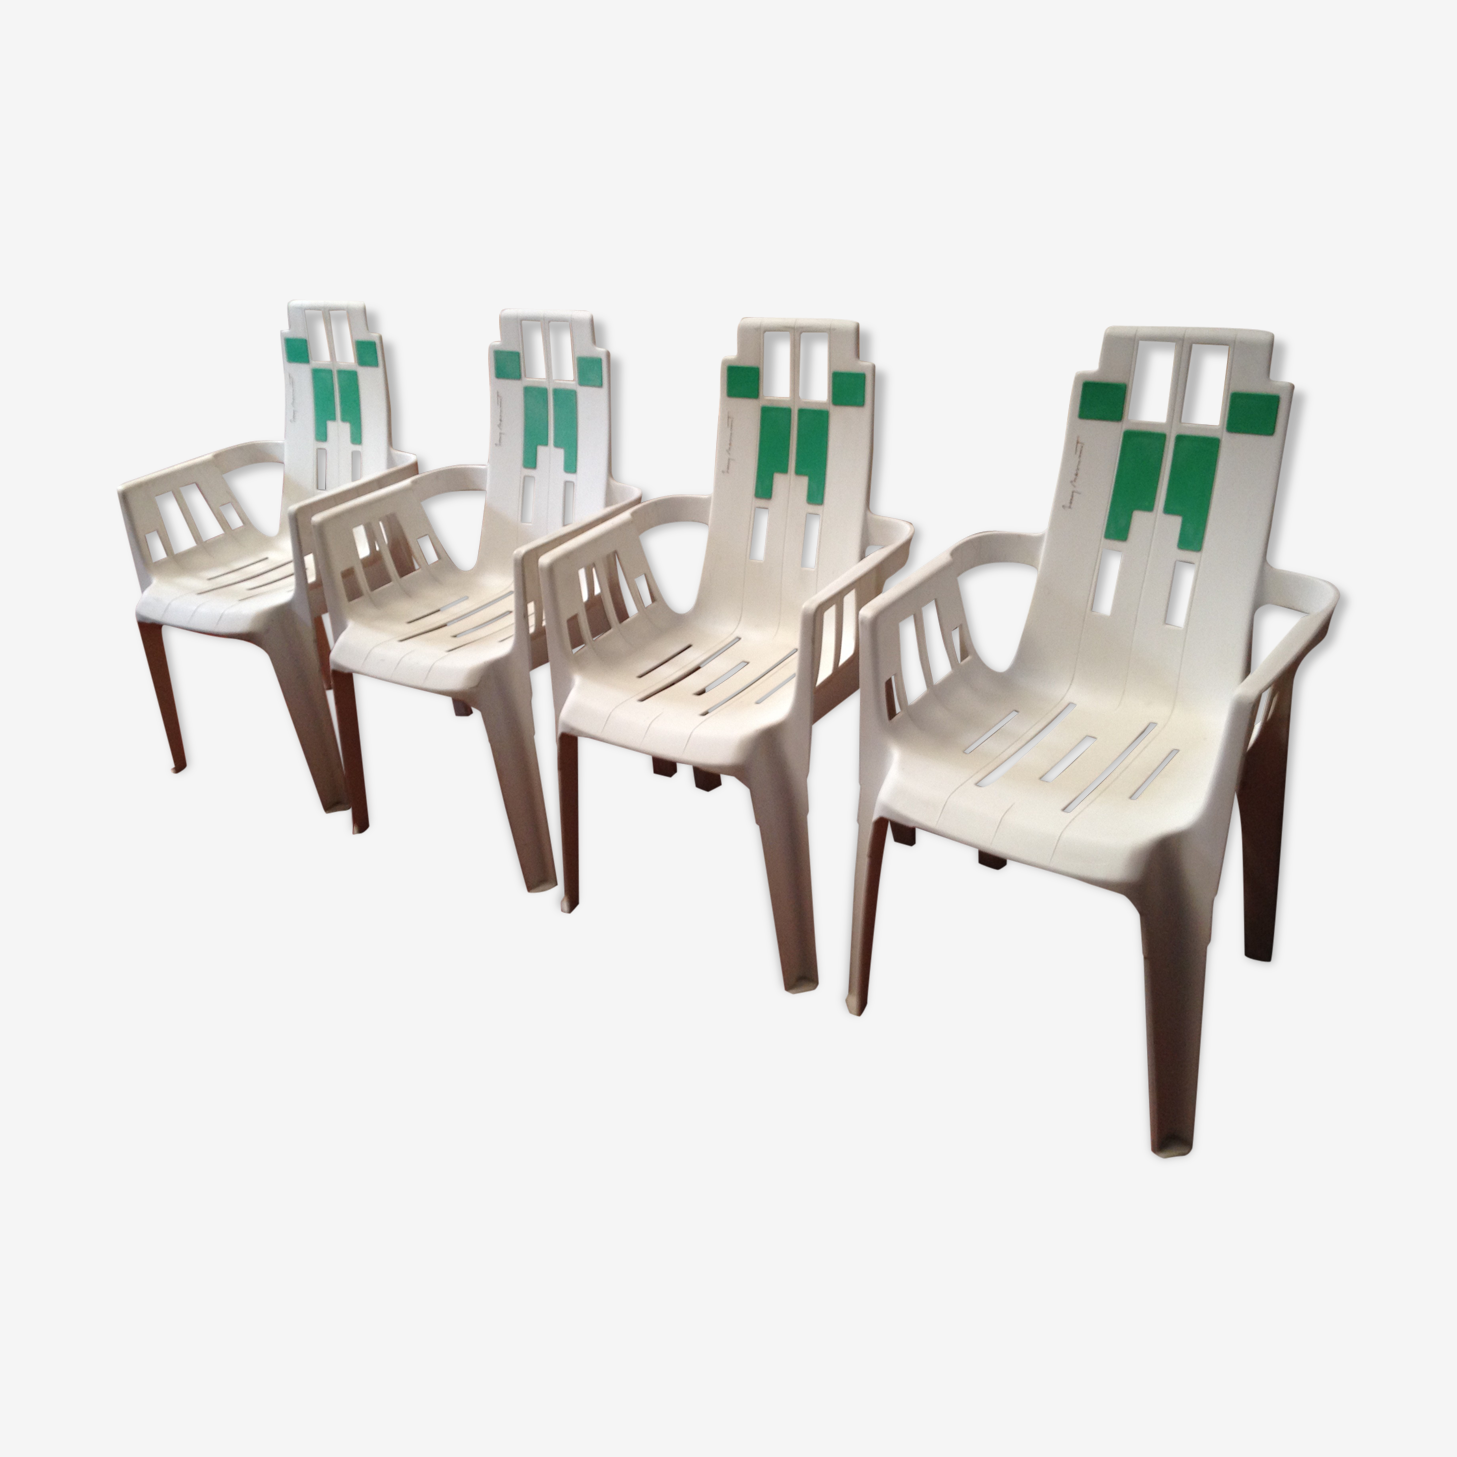 Lot 4 design armchairs Pierre Paulin for Henri Massonnet